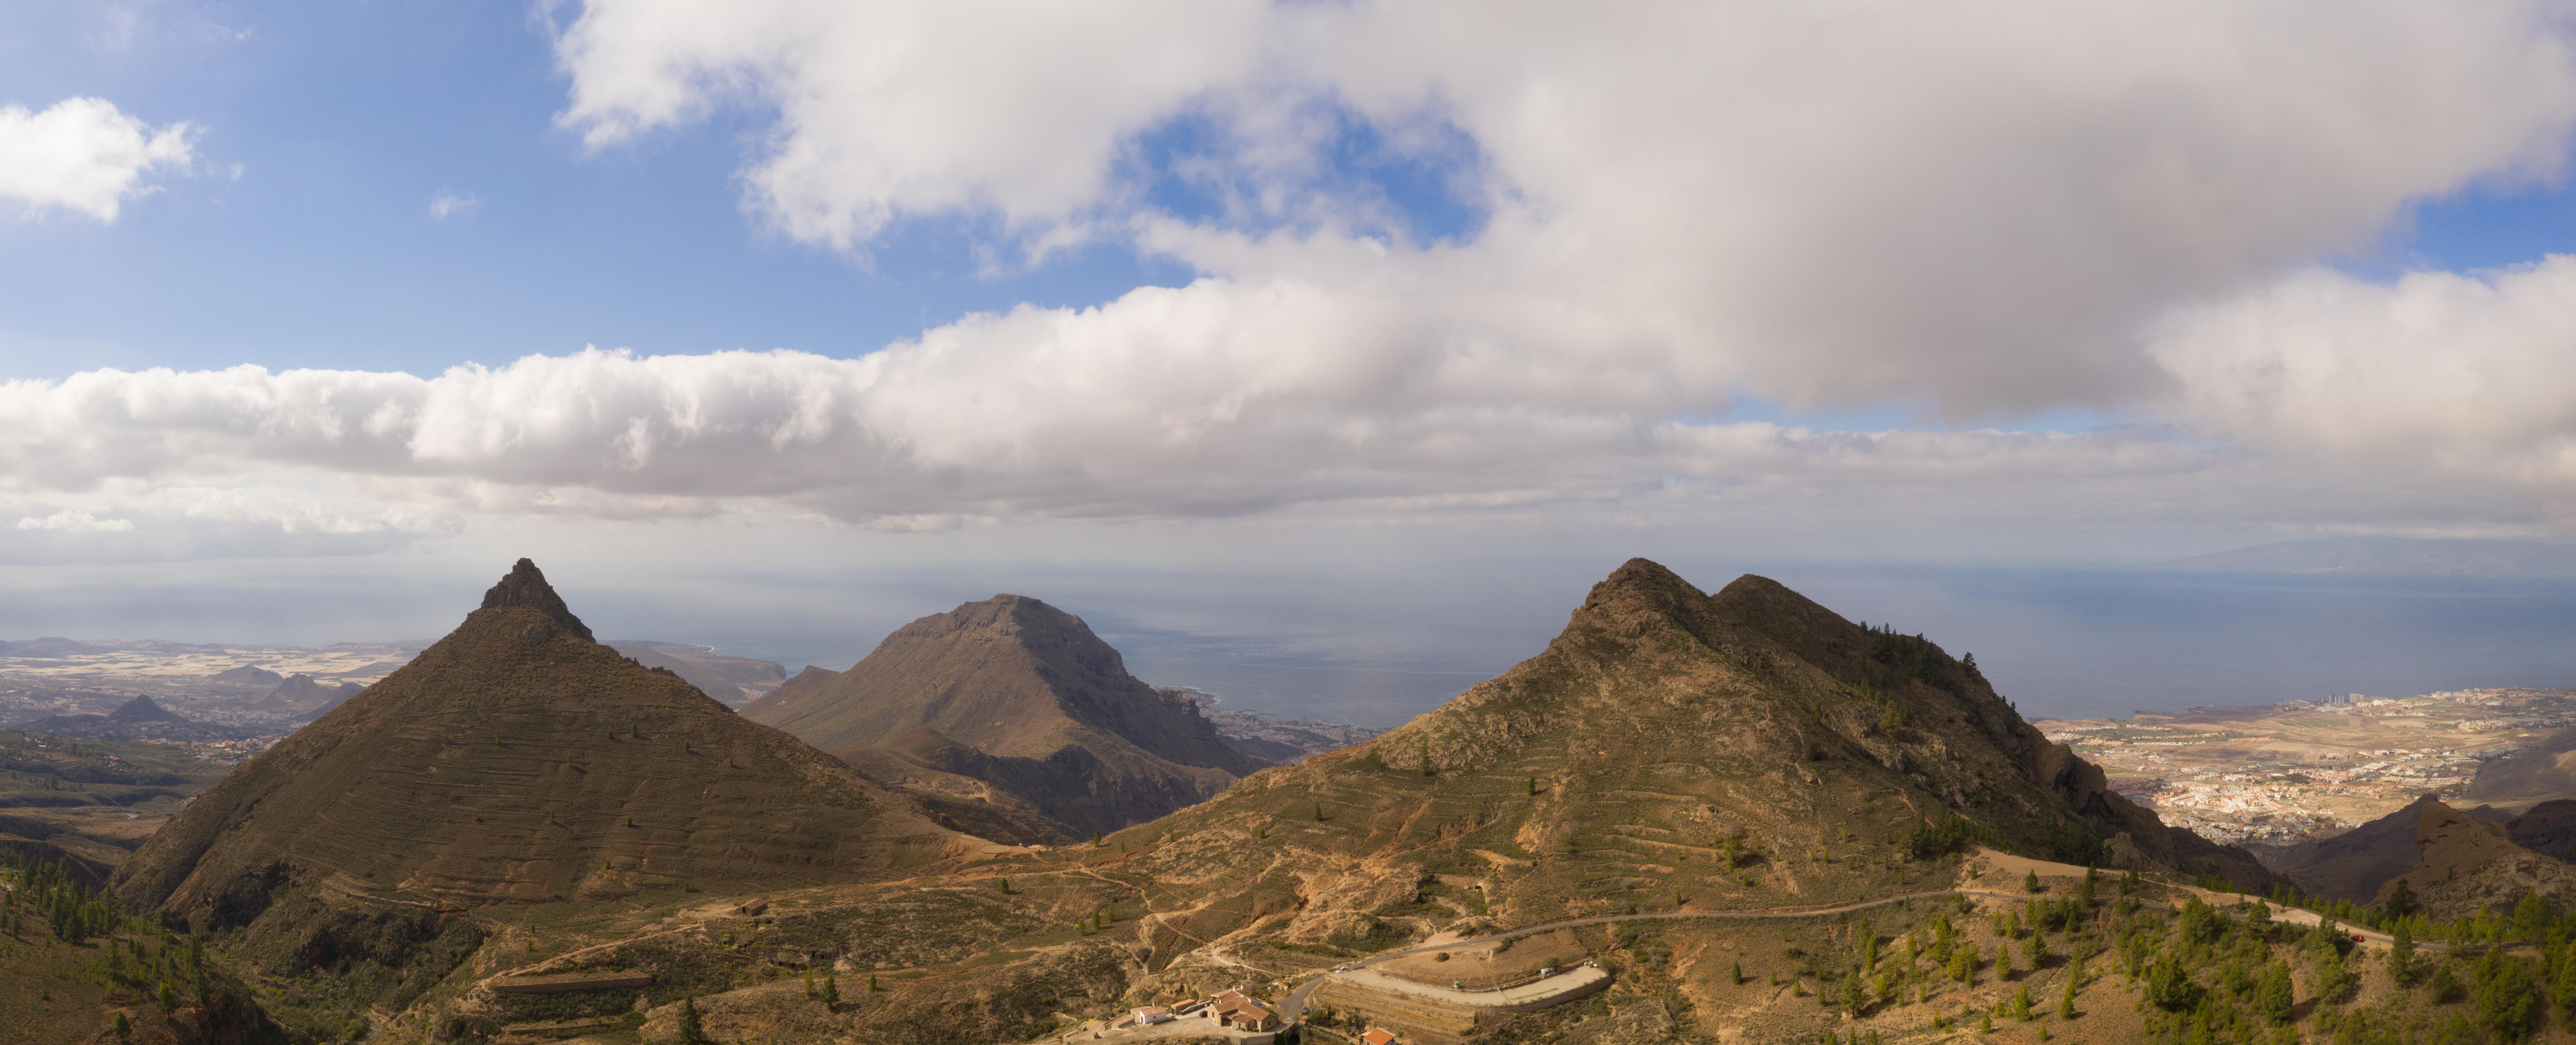 Hornatý ostrov Tenerife